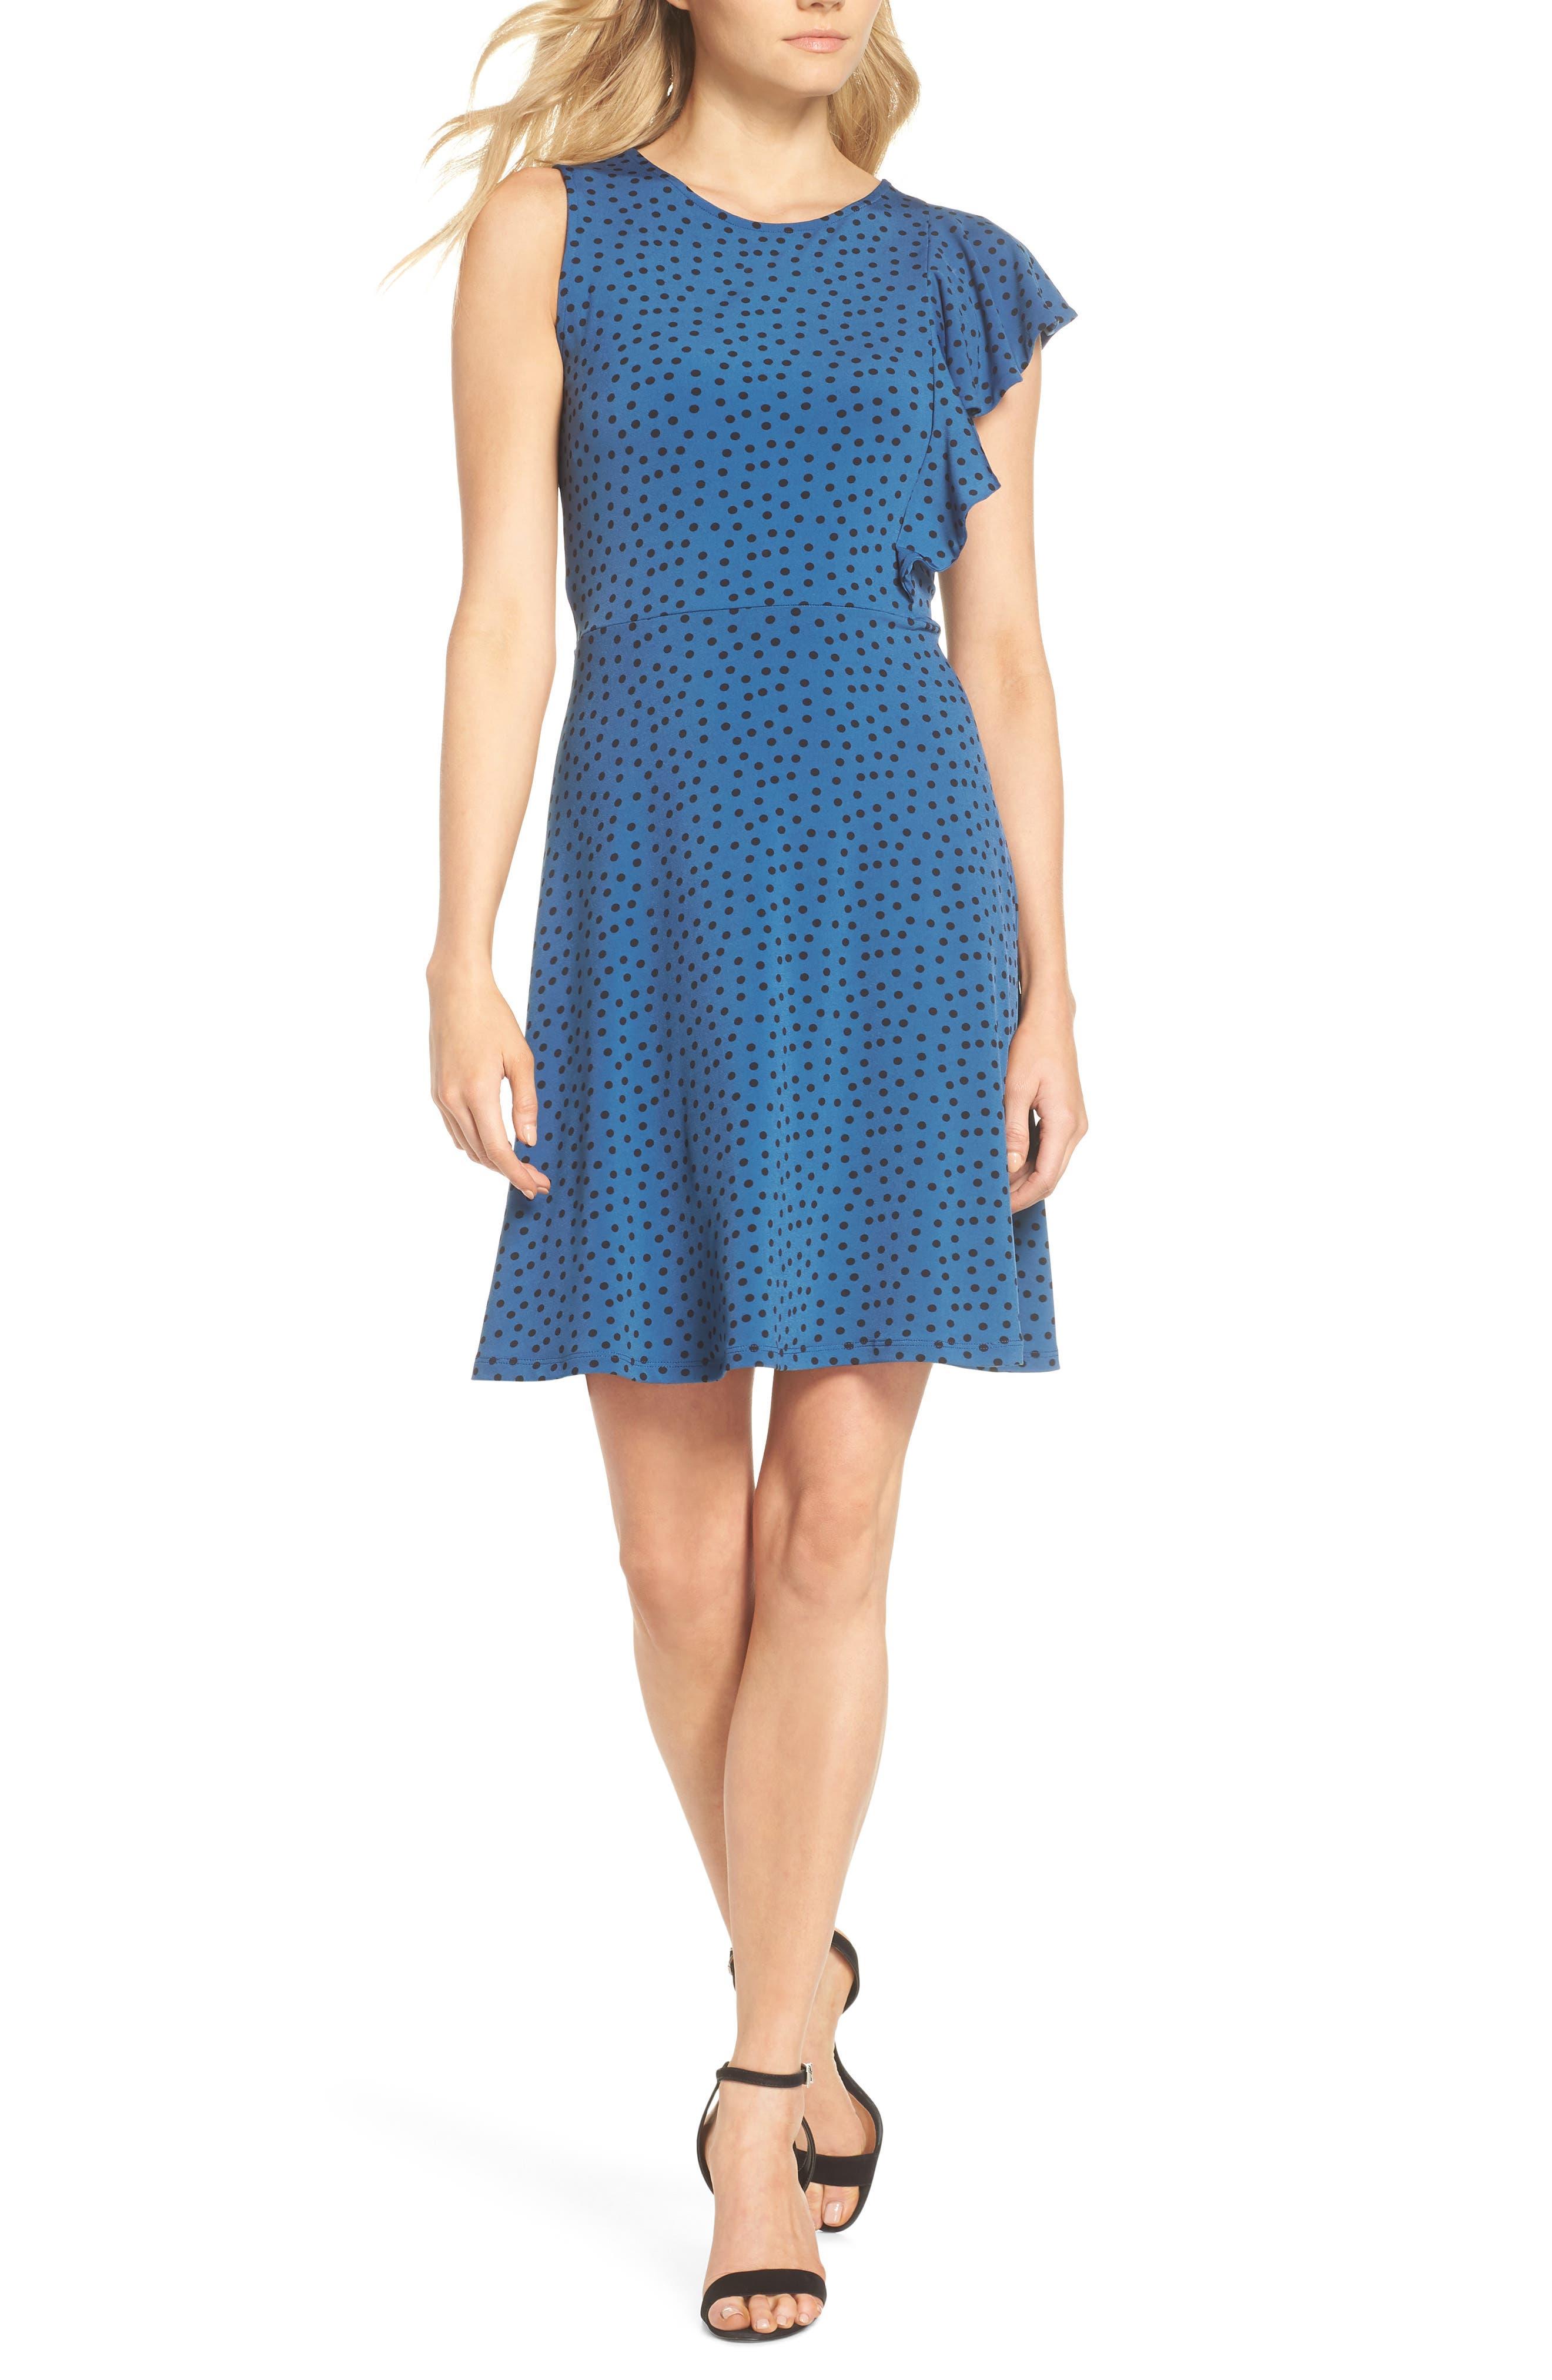 Leota Adrianna Ruffle A-Line Dress, Blue